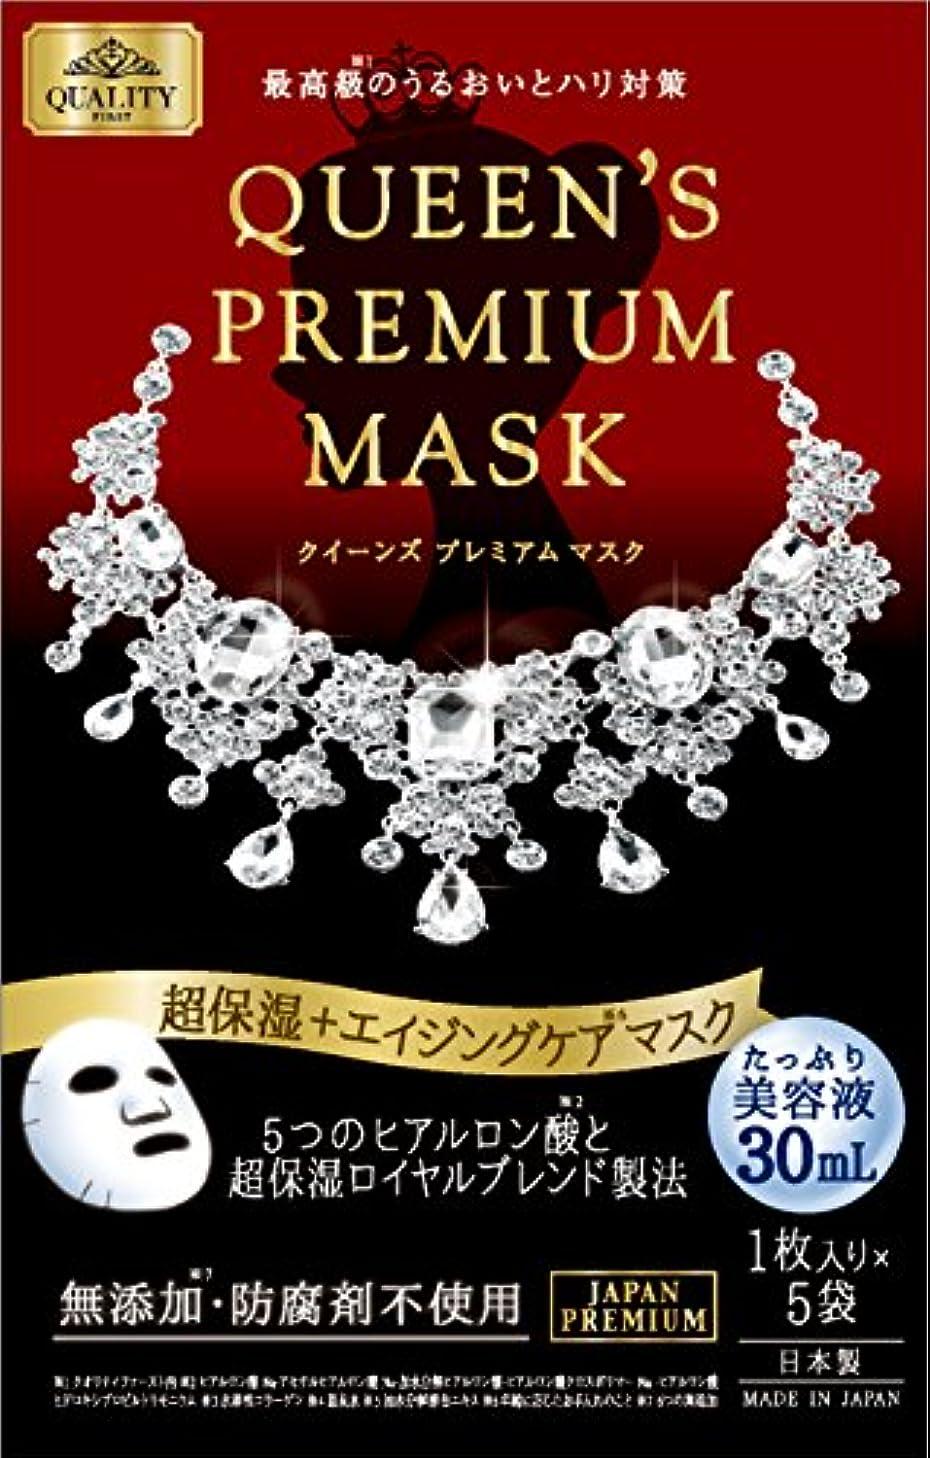 肘掛け椅子害虫フィードバッククイーンズプレミアムマスク 超保湿マスク 5枚入